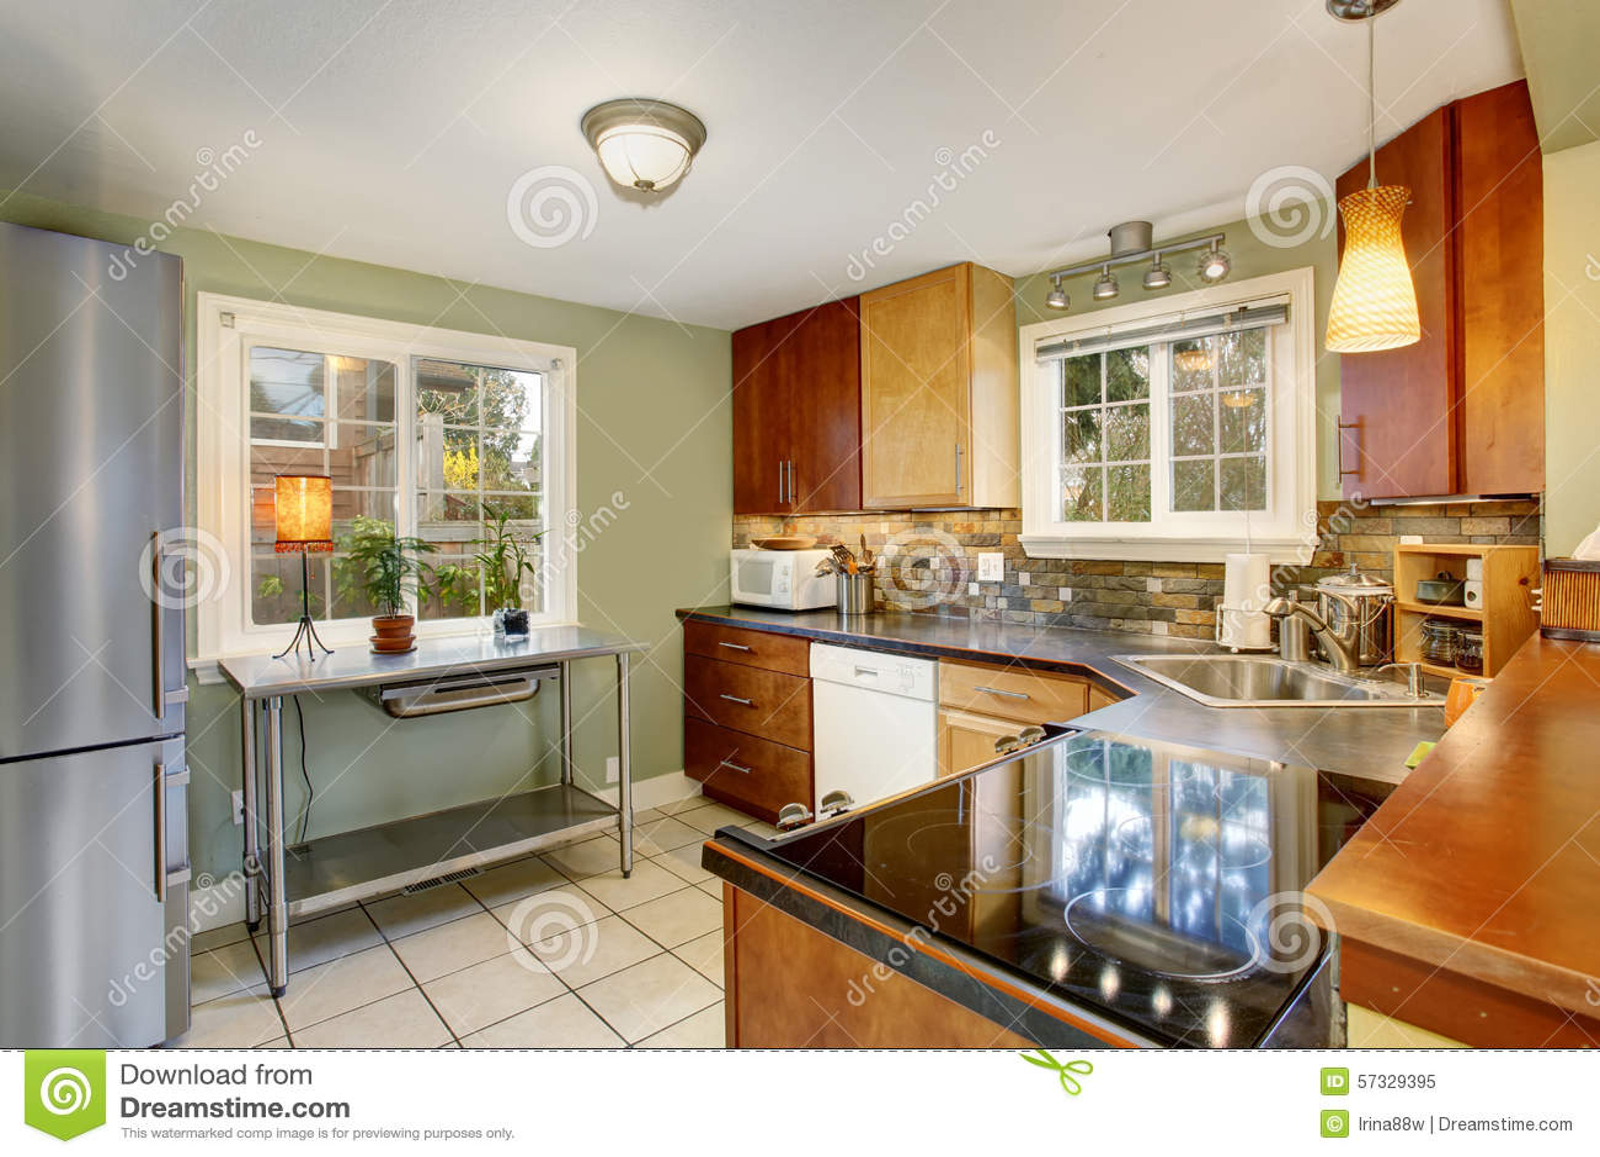 Cucina classica con le pareti verdi e pavimentazione in piastrelle